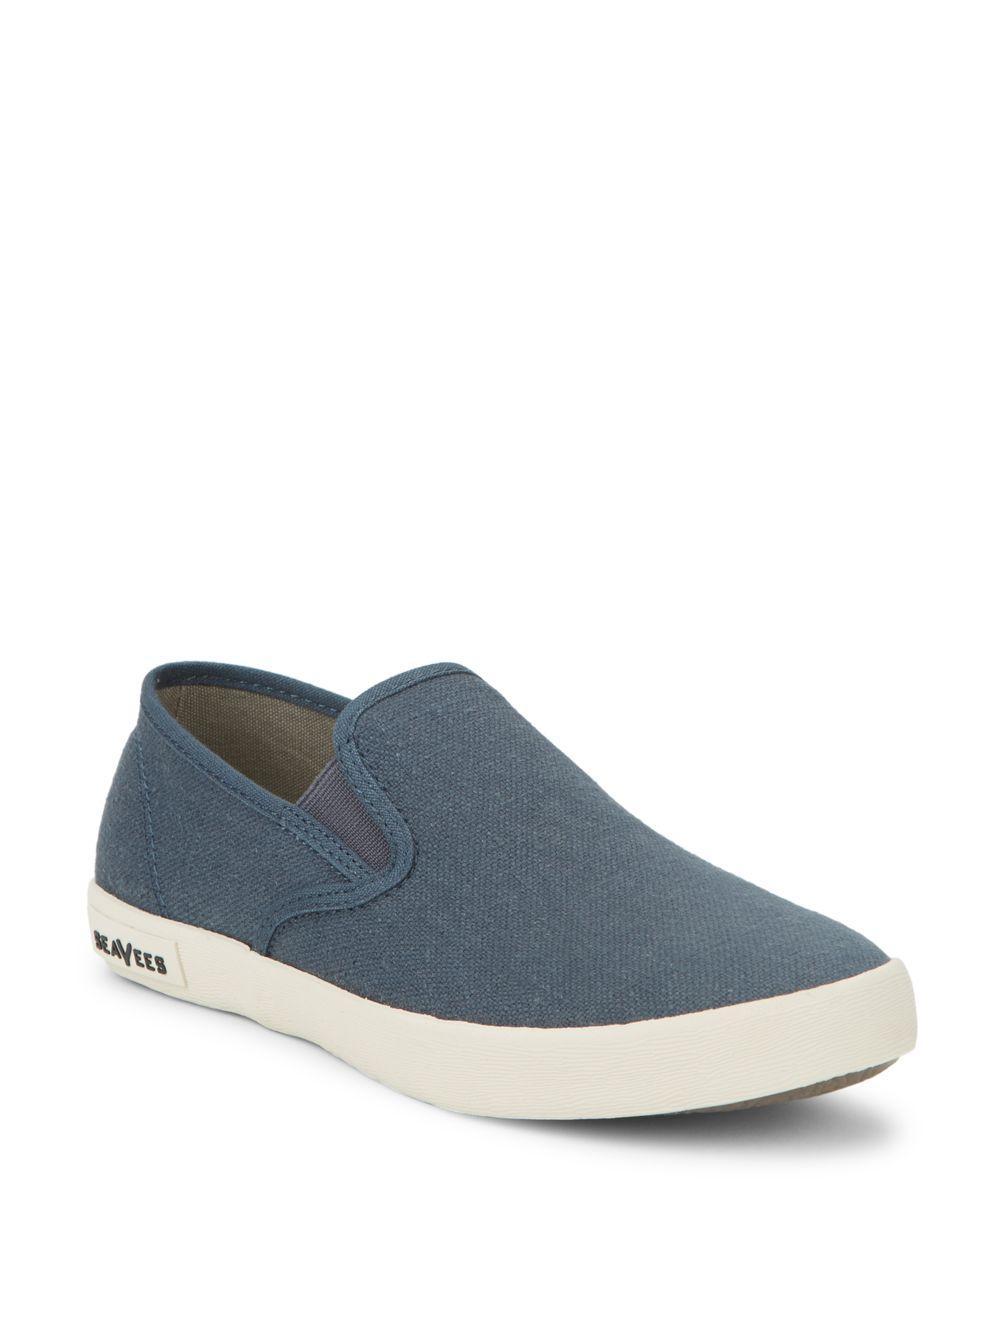 Seavees Men S Shoes